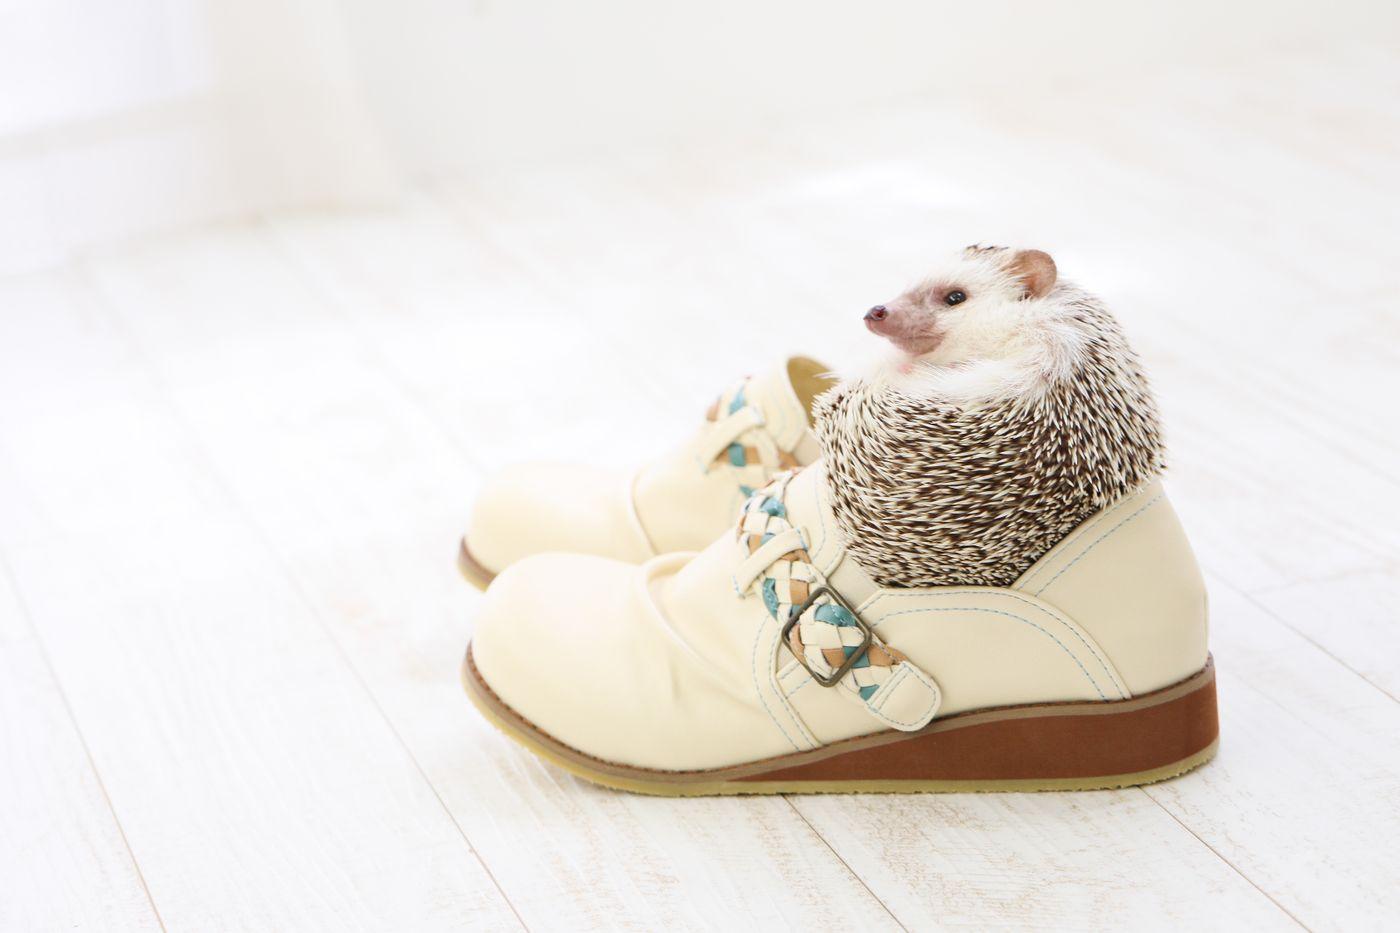 人間の靴にはまり込むハリネズミの写真